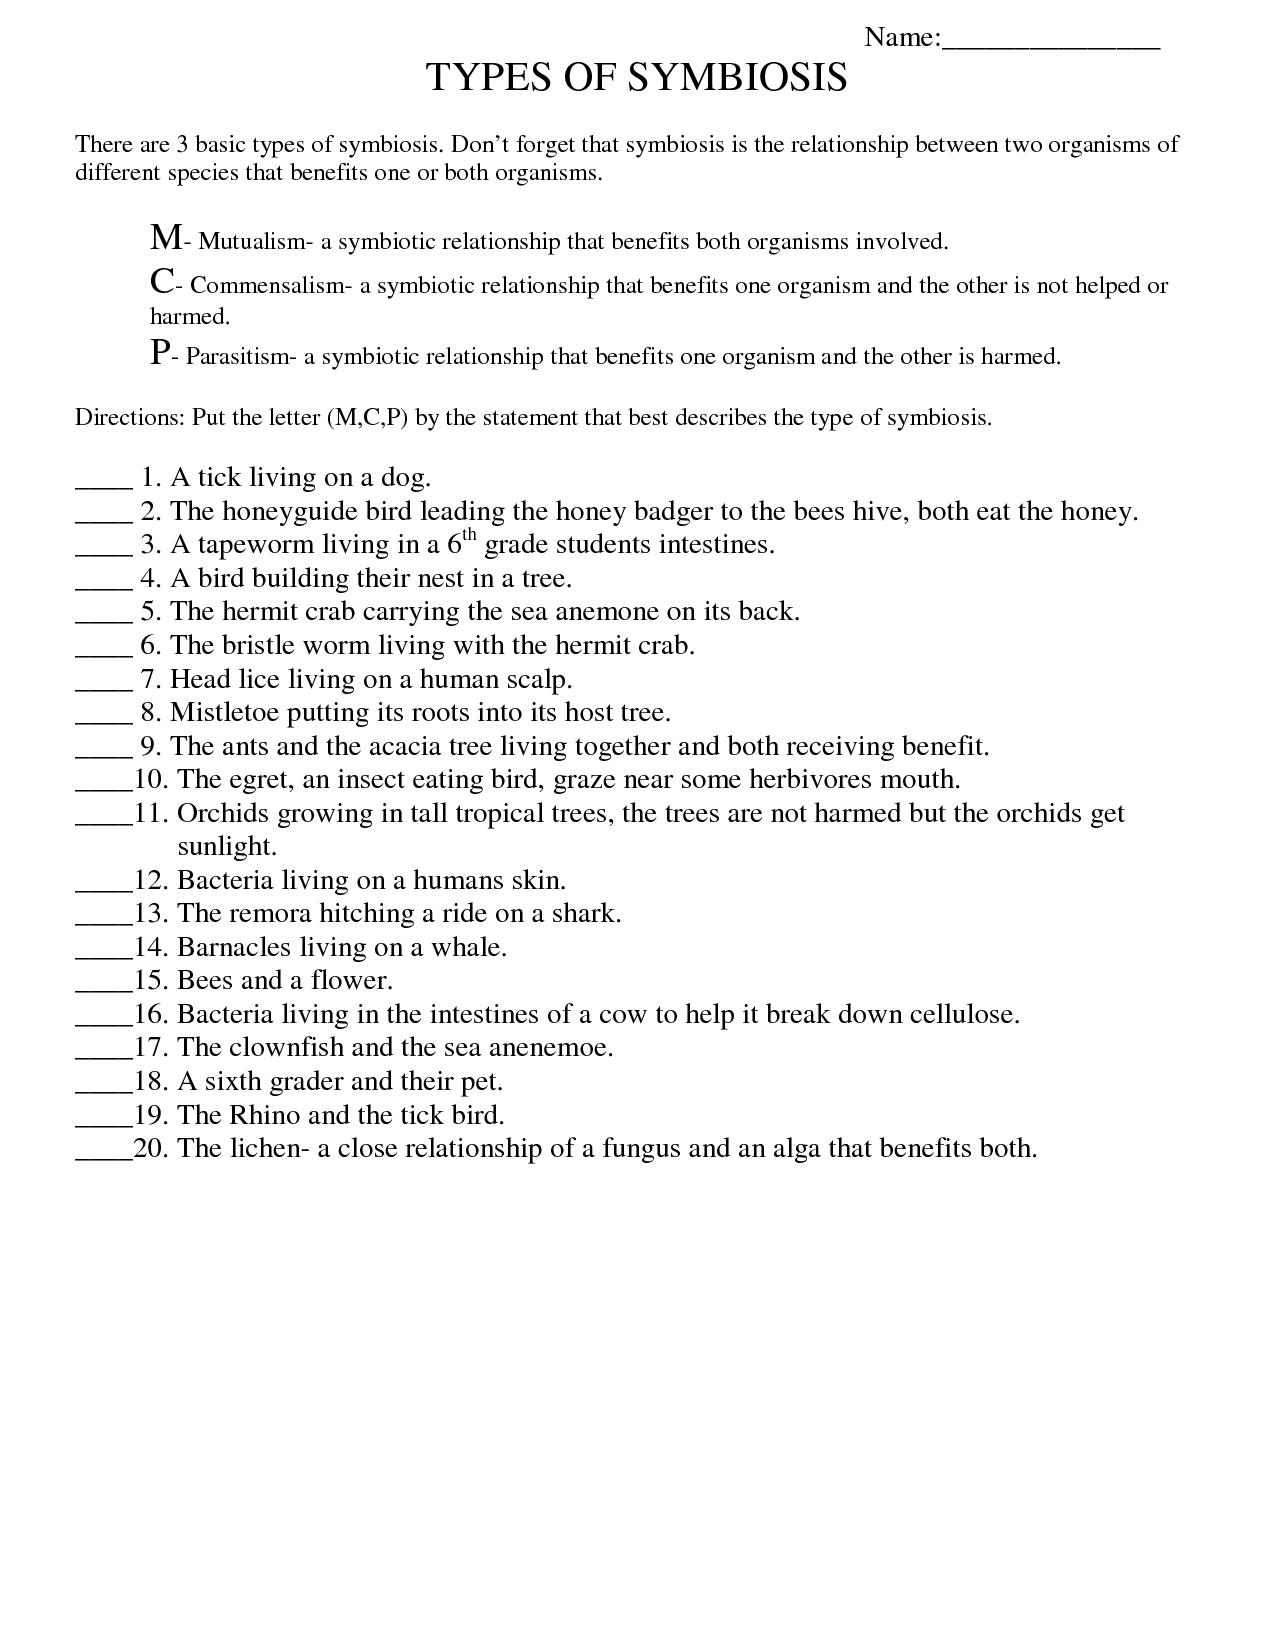 Symbiosis Worksheet: Free Printable Worksheets On High School Bio | Free Printable High School Science Worksheets